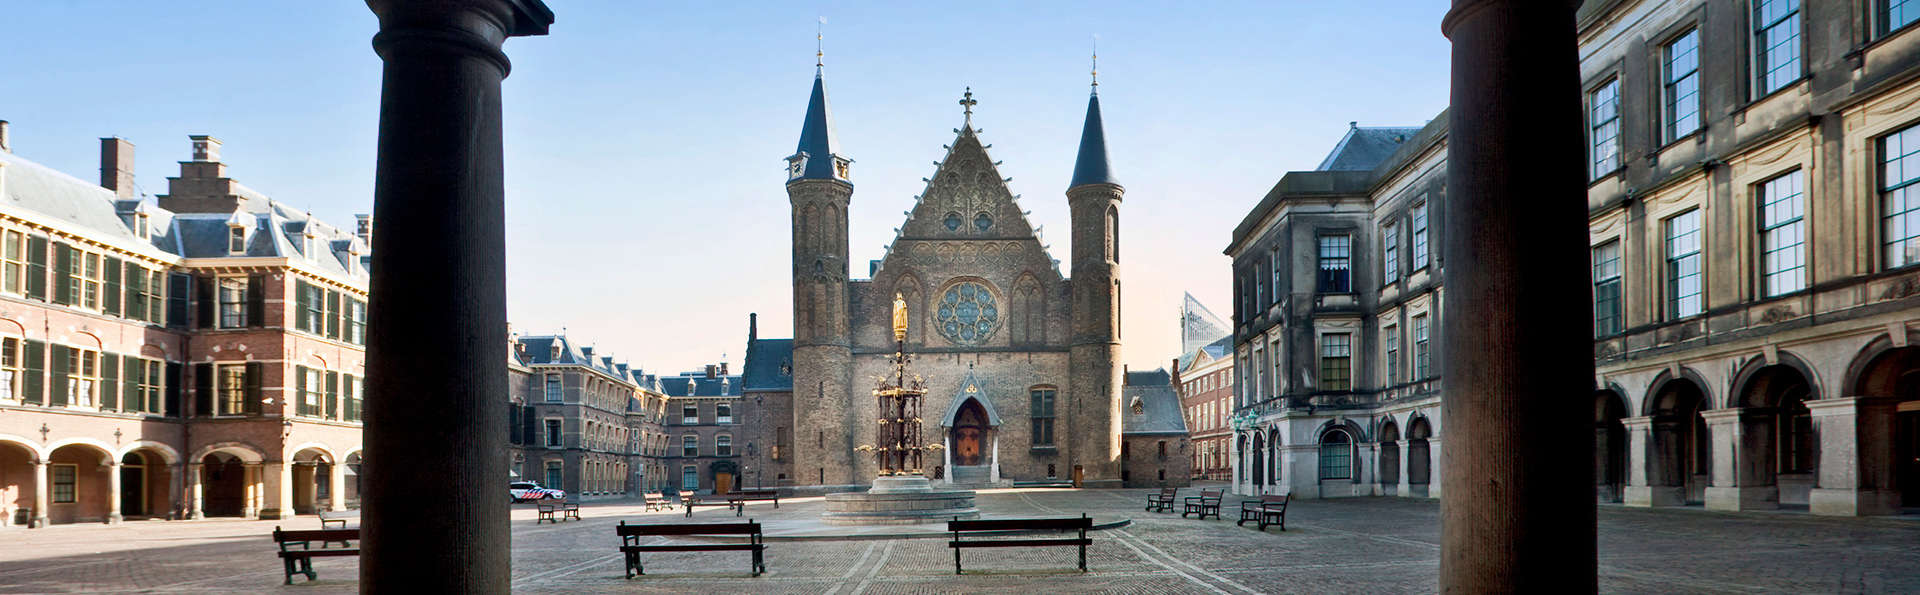 Early Bird: Ontdek Den Haag, de hofstad vol cultuur en historie